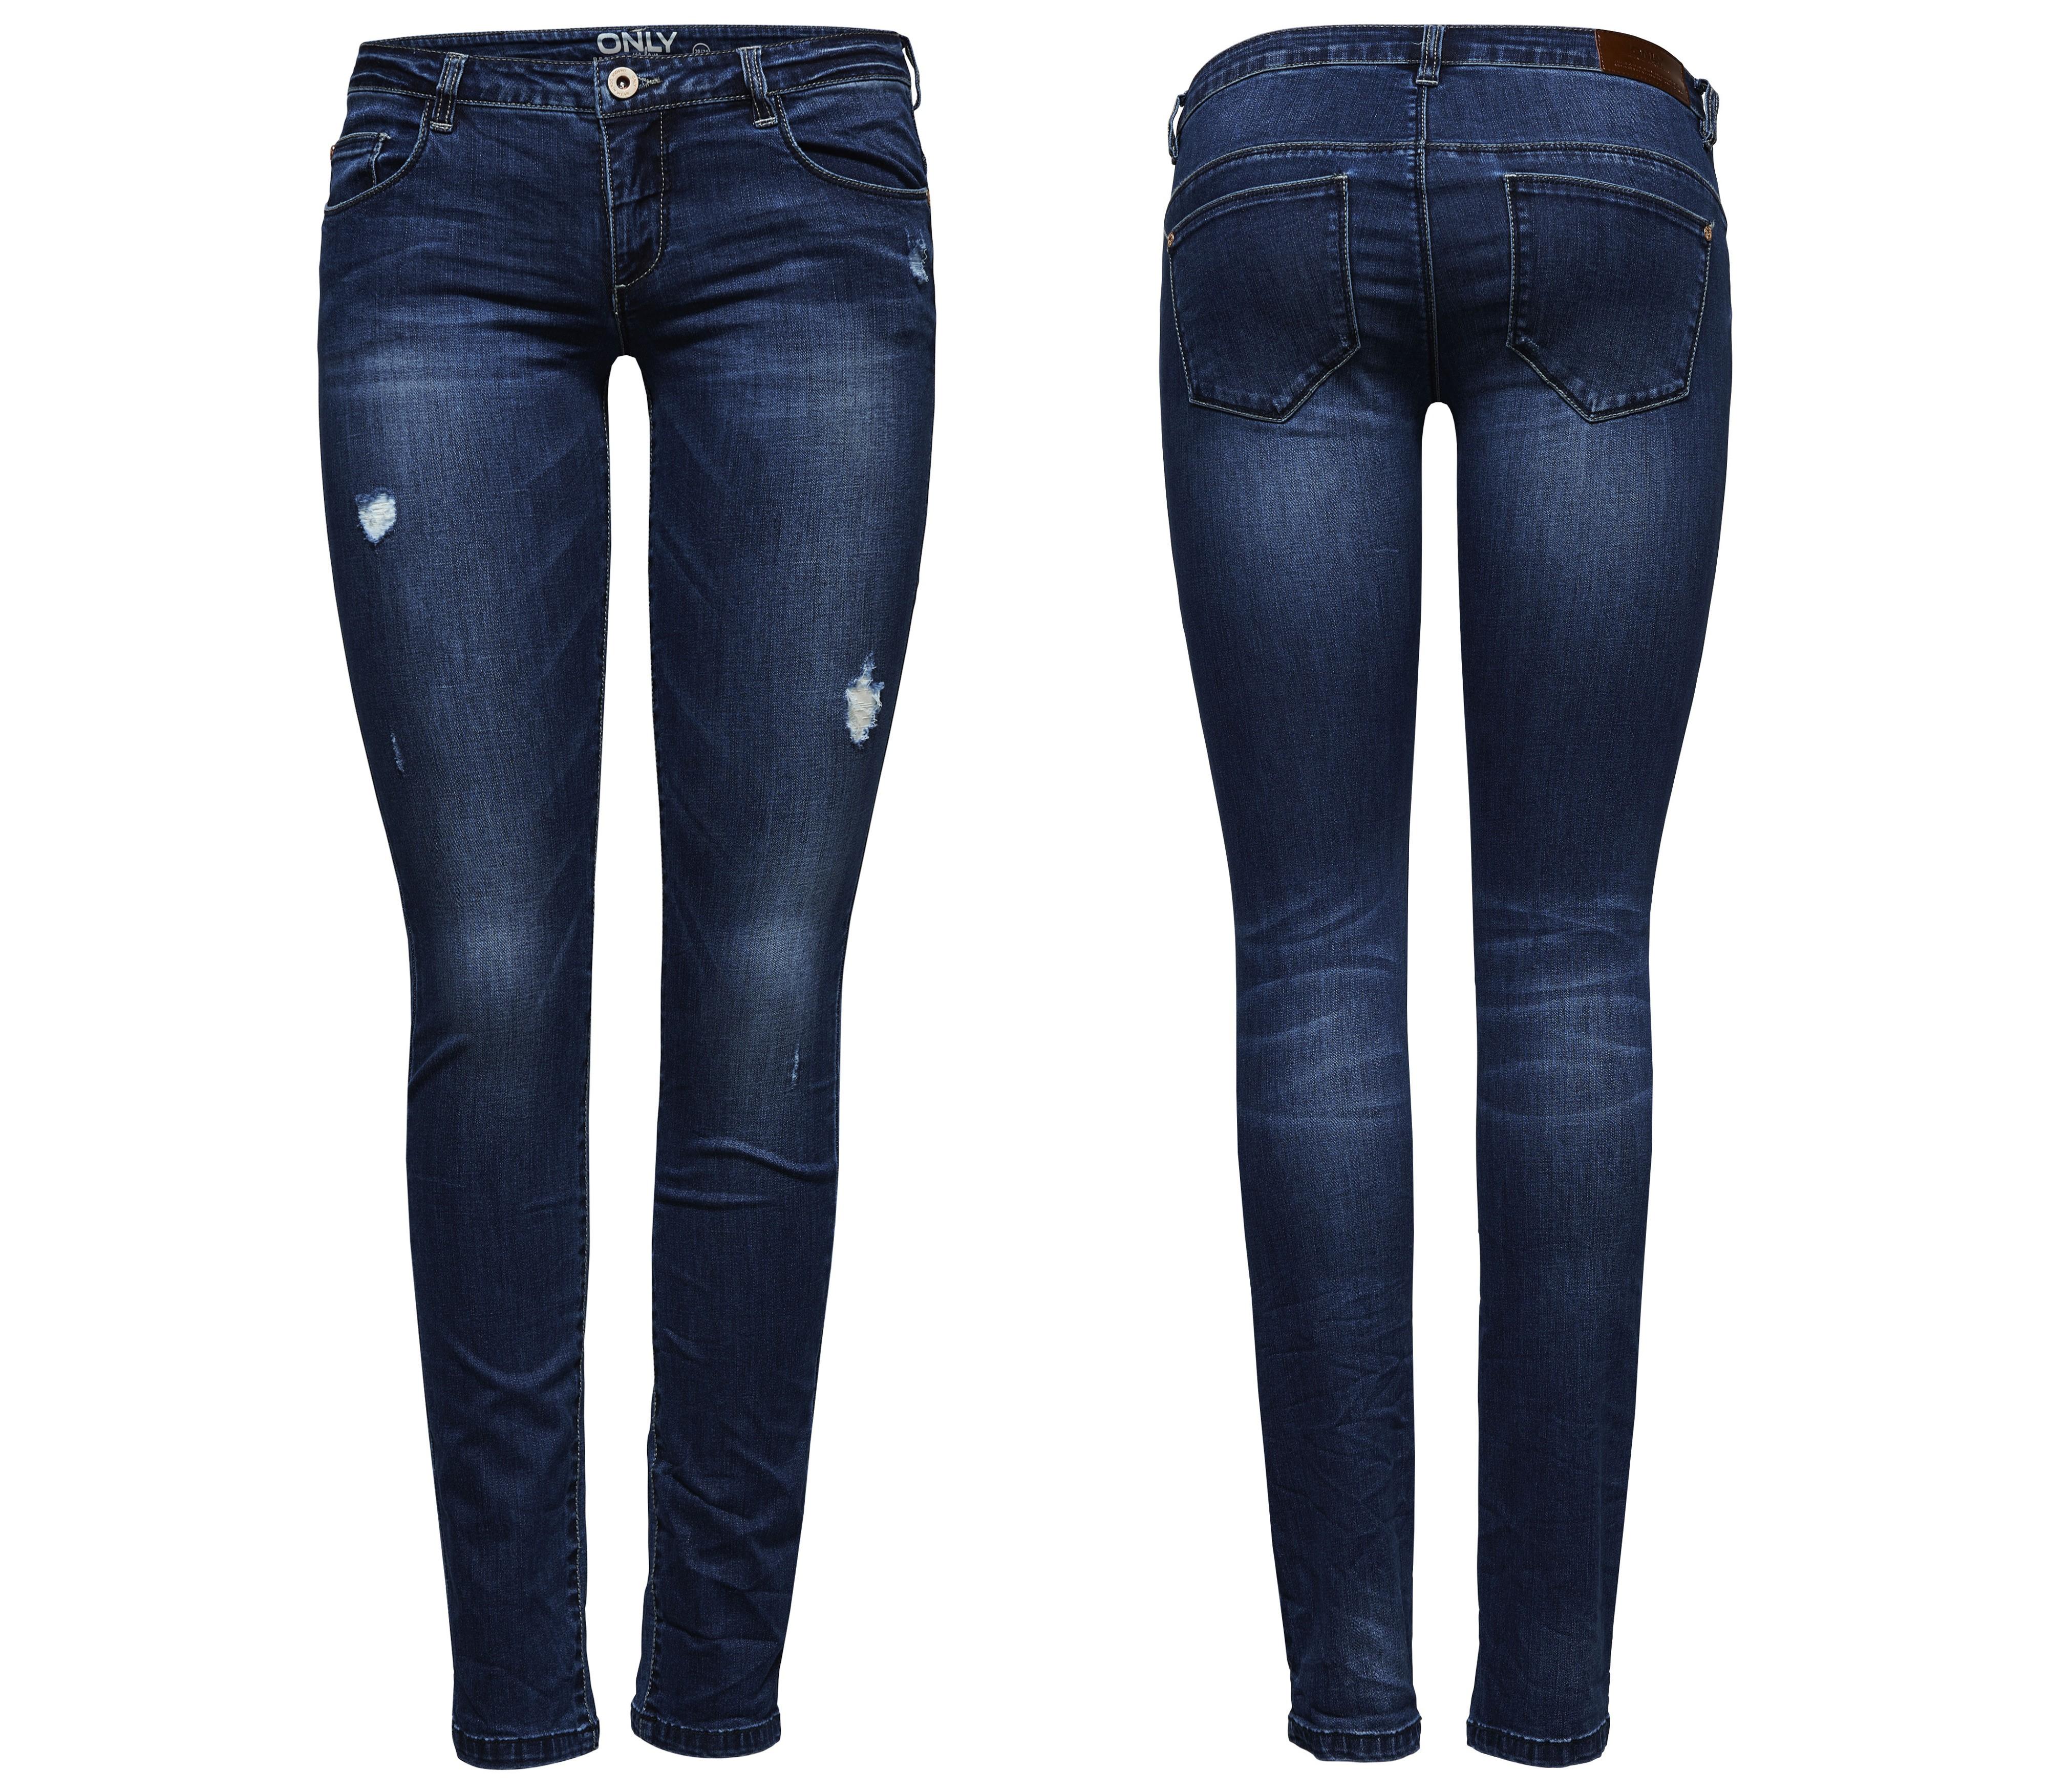 ital design bestickte low skinny jeans f r damen. Black Bedroom Furniture Sets. Home Design Ideas